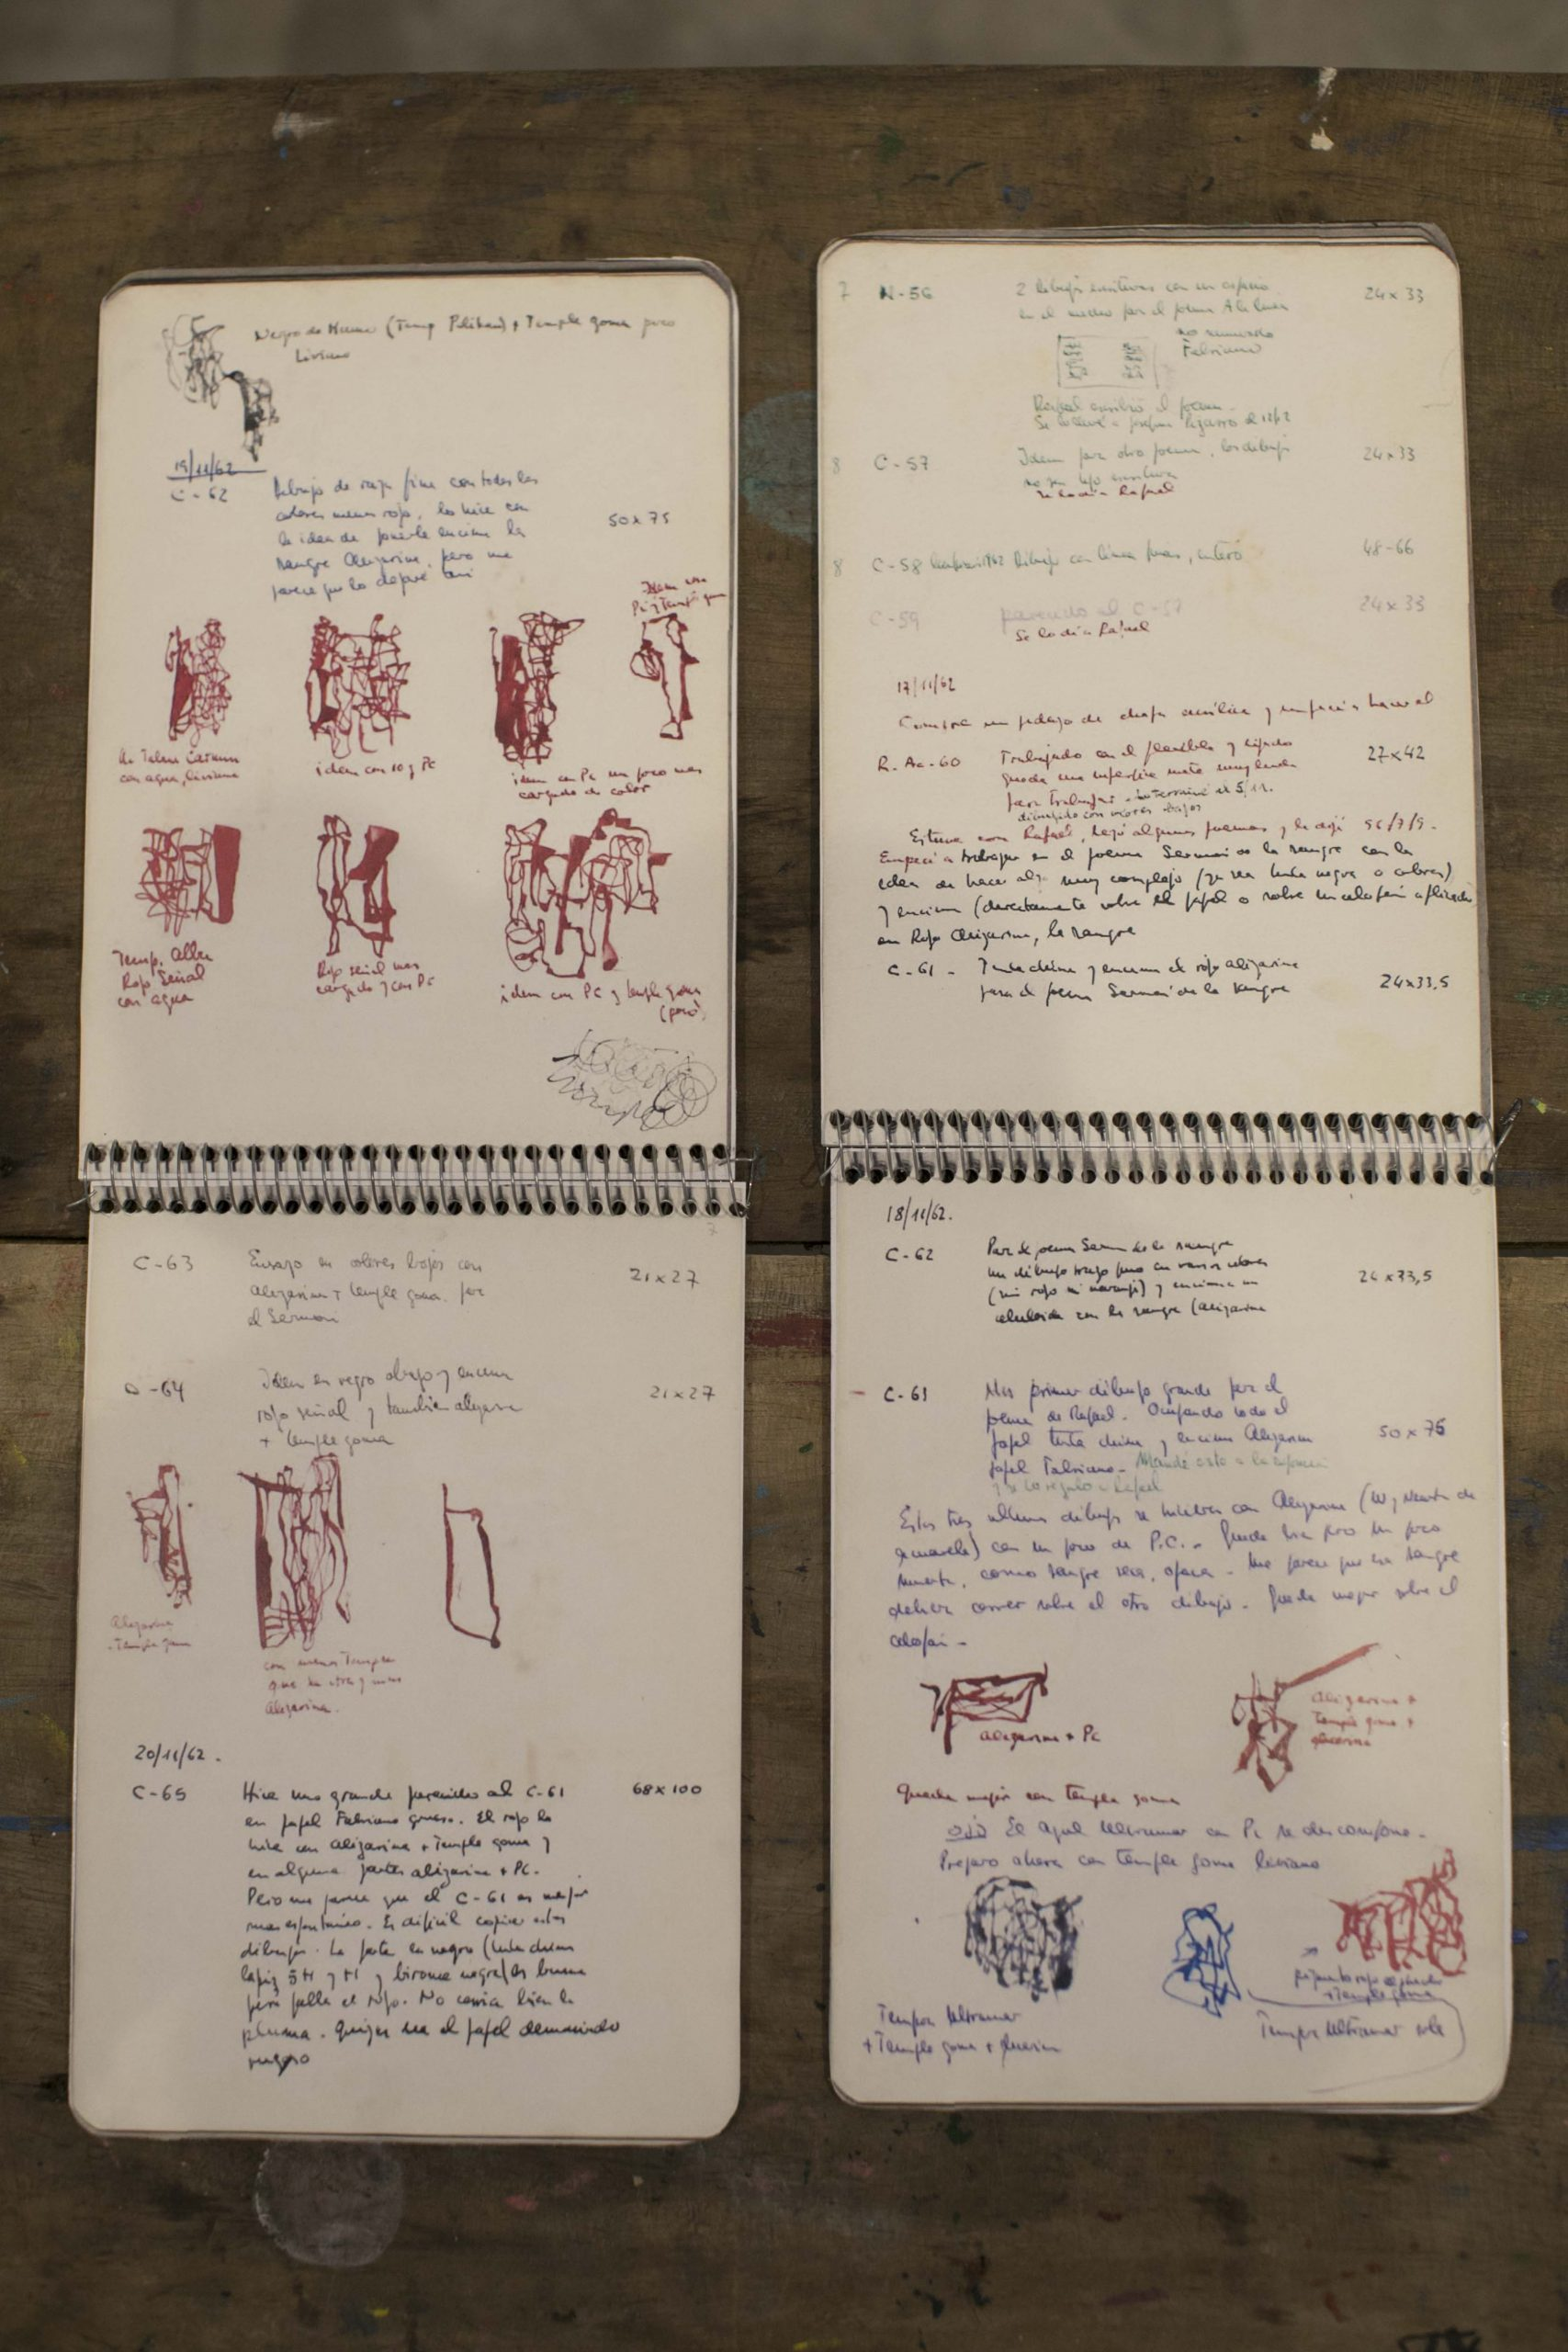 León Ferrari, cuadernos personales. Registro del proceso de creación de Sermón de la sangre,1962 © Laura Mandelik